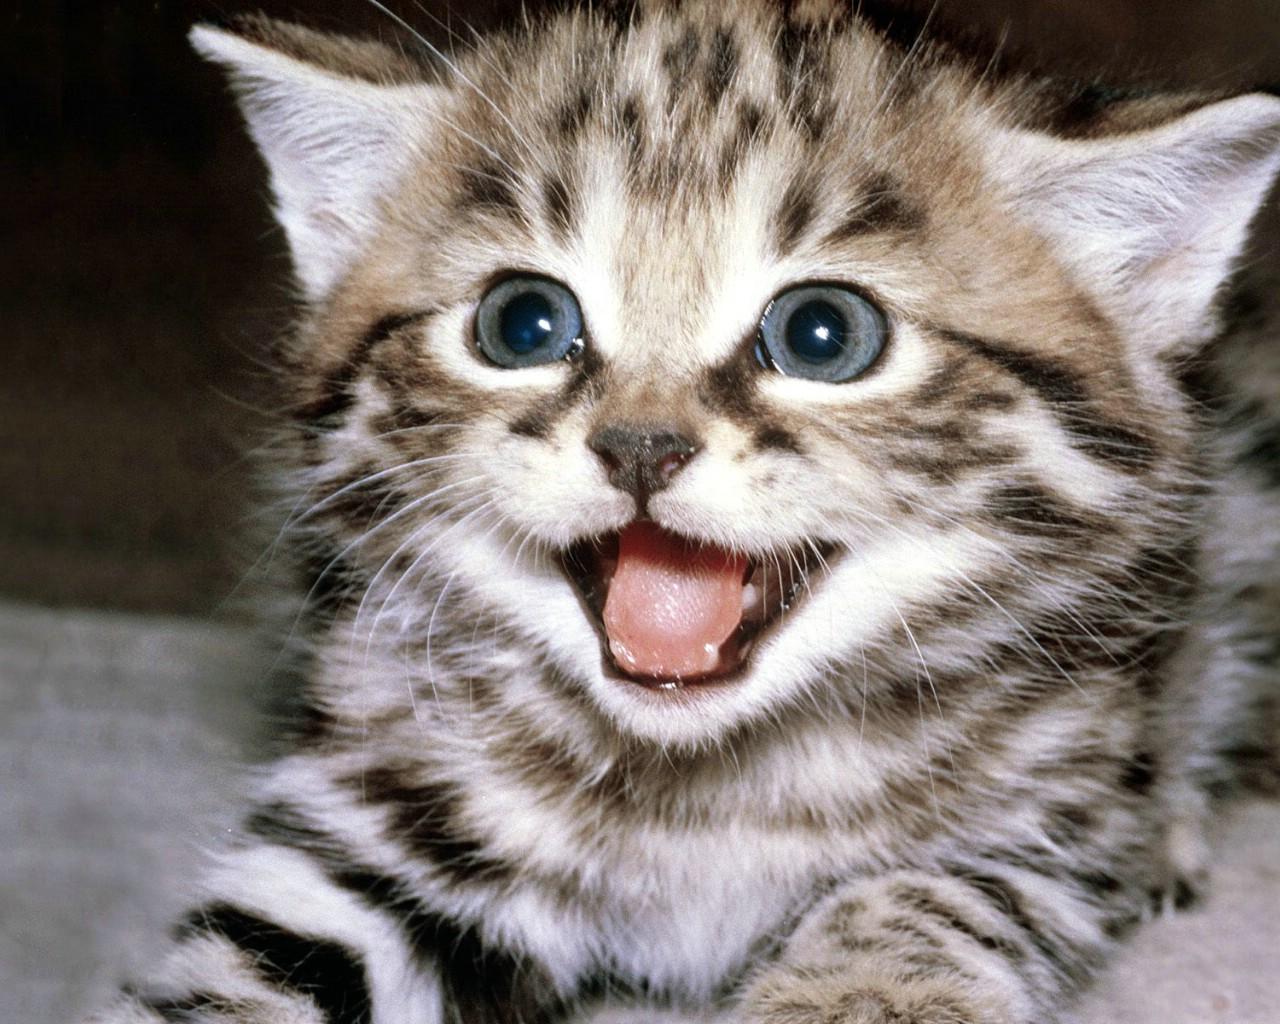 壁纸 动物 猫 猫咪 小猫 桌面 1280_1024